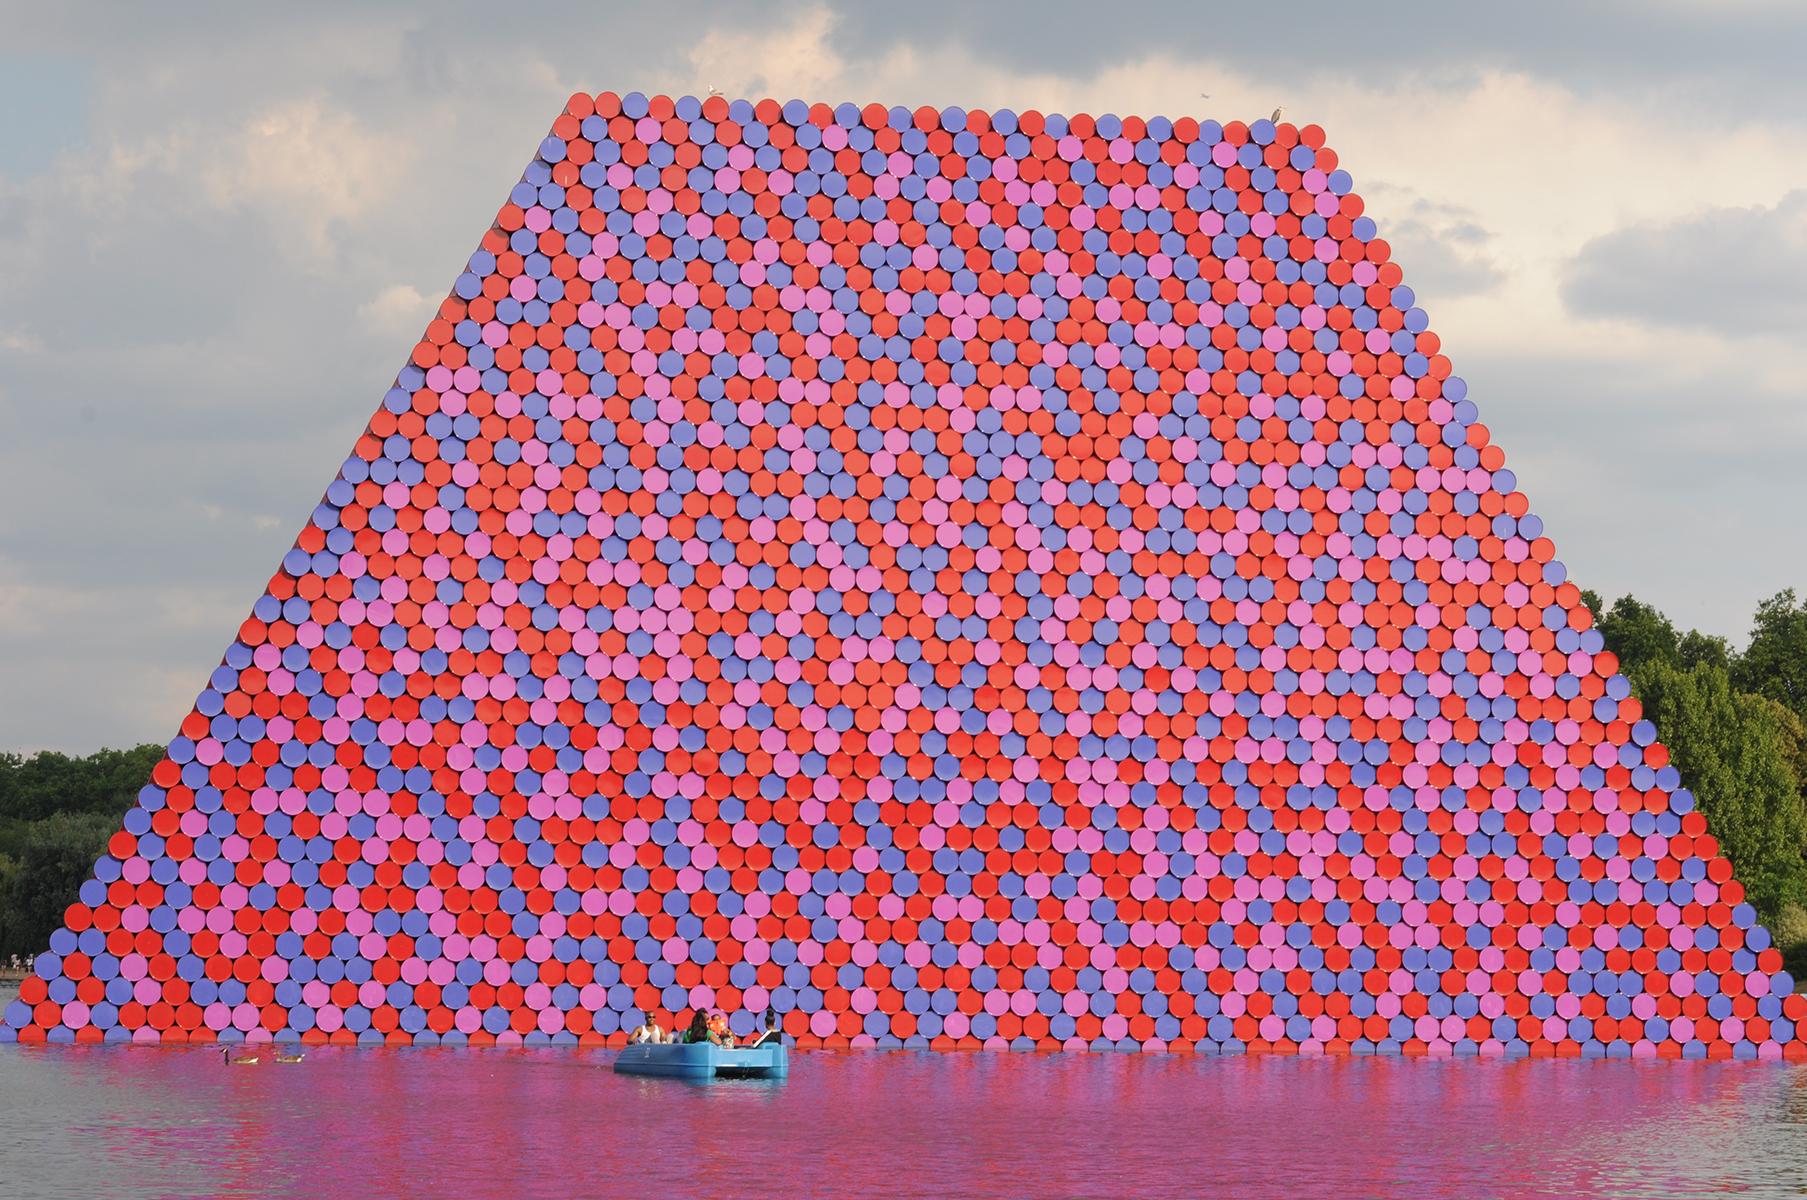 <a href='https://revistaaxxis.com.co/el-diseno-escultural-de-christo-en-el-hyde-park-de-londres/'><h2>El diseño escultural de Christo</h2>Este verano se inauguró la más reciente obra del reconocido artista búlgaro Christo, una colorida escultura temporal en el Hyde Park de Londres.</a>